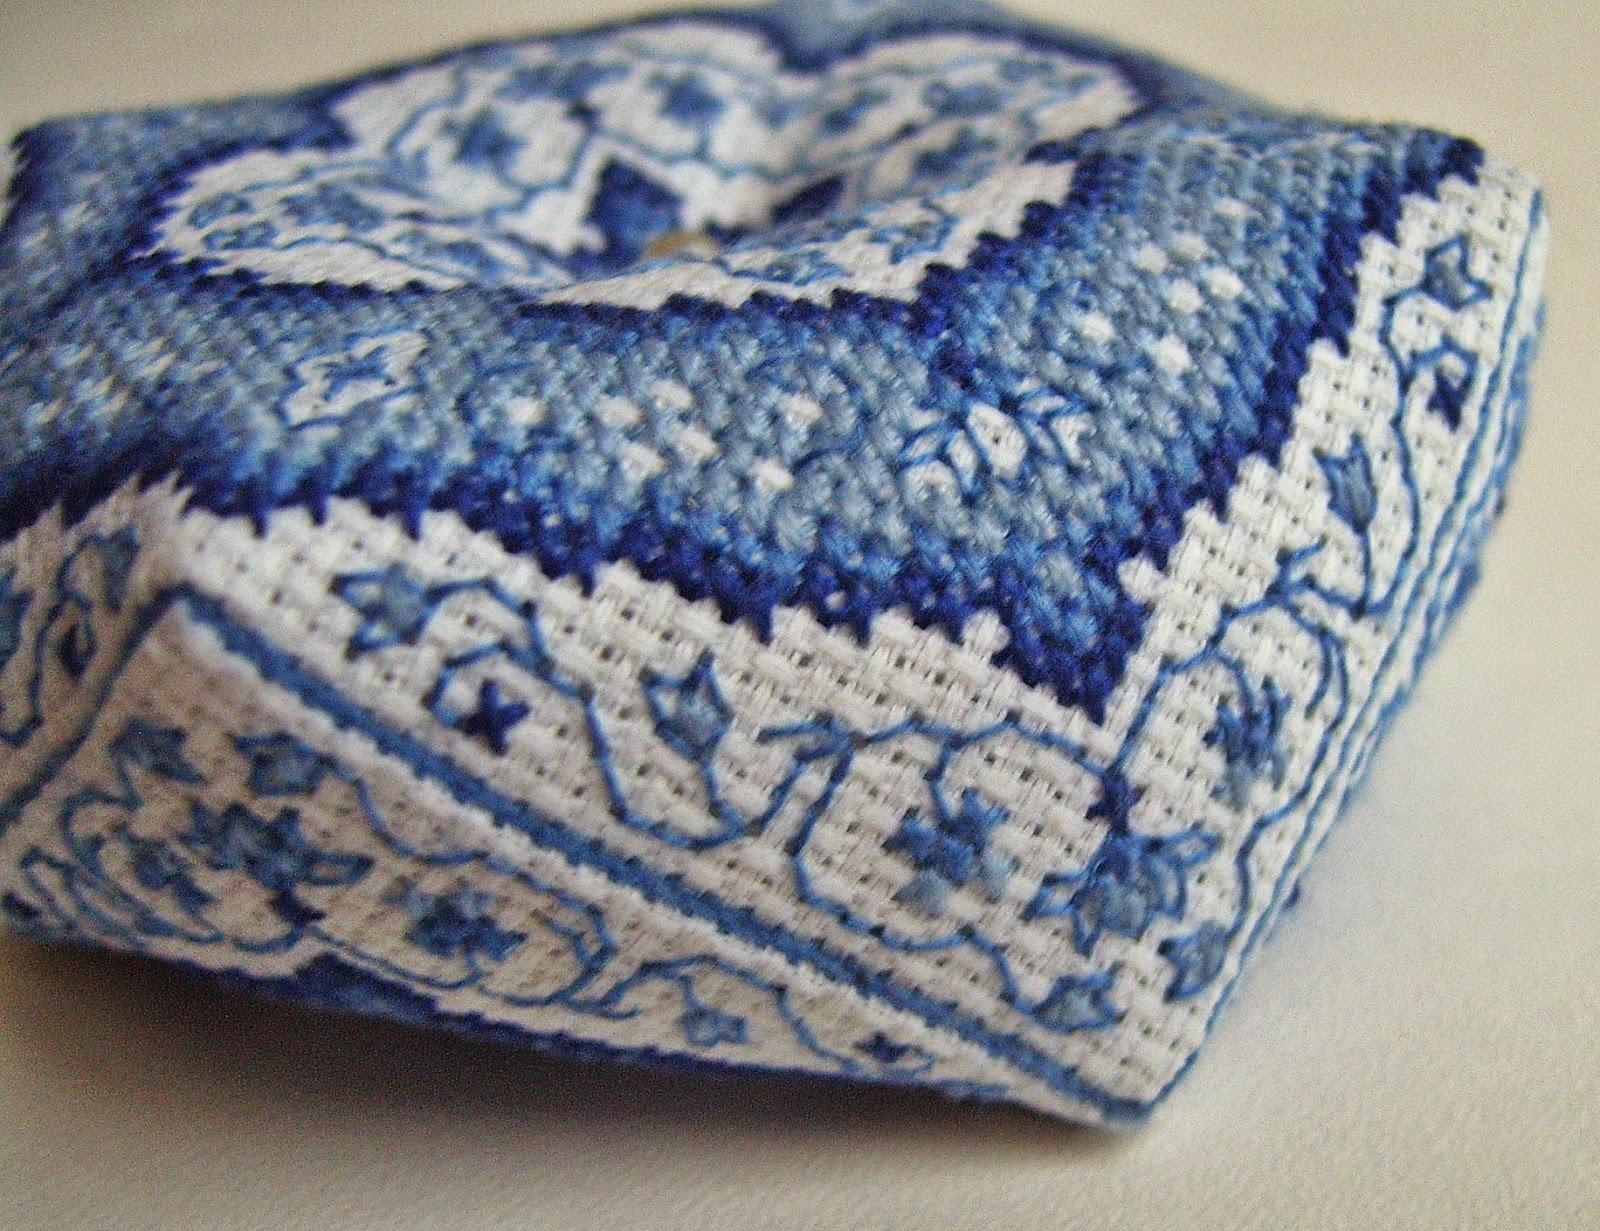 Вышитая игольница-бискорню в синих тонах - детали